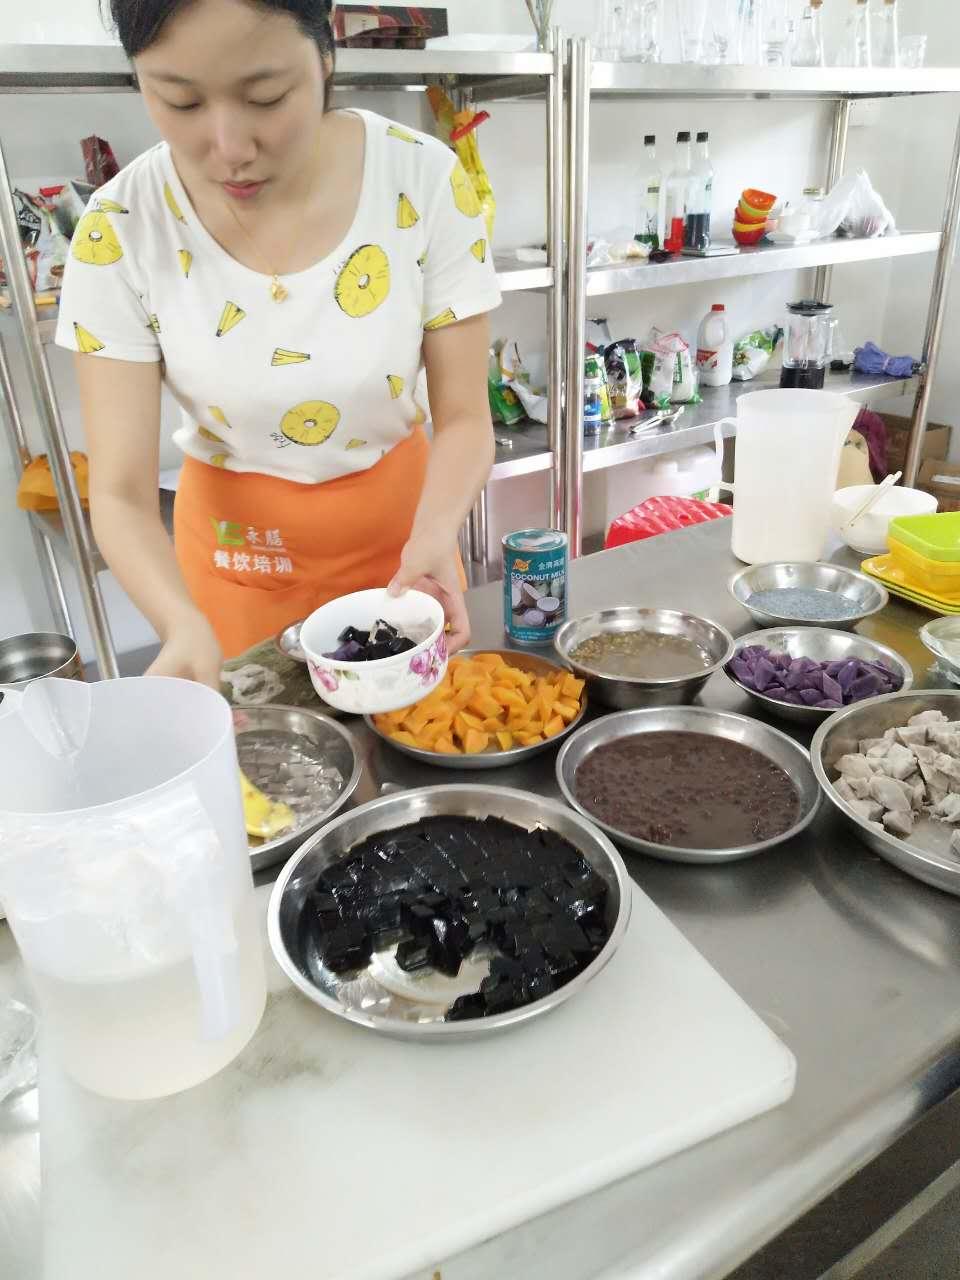 佛山哪里学甜品培训 要多少钱